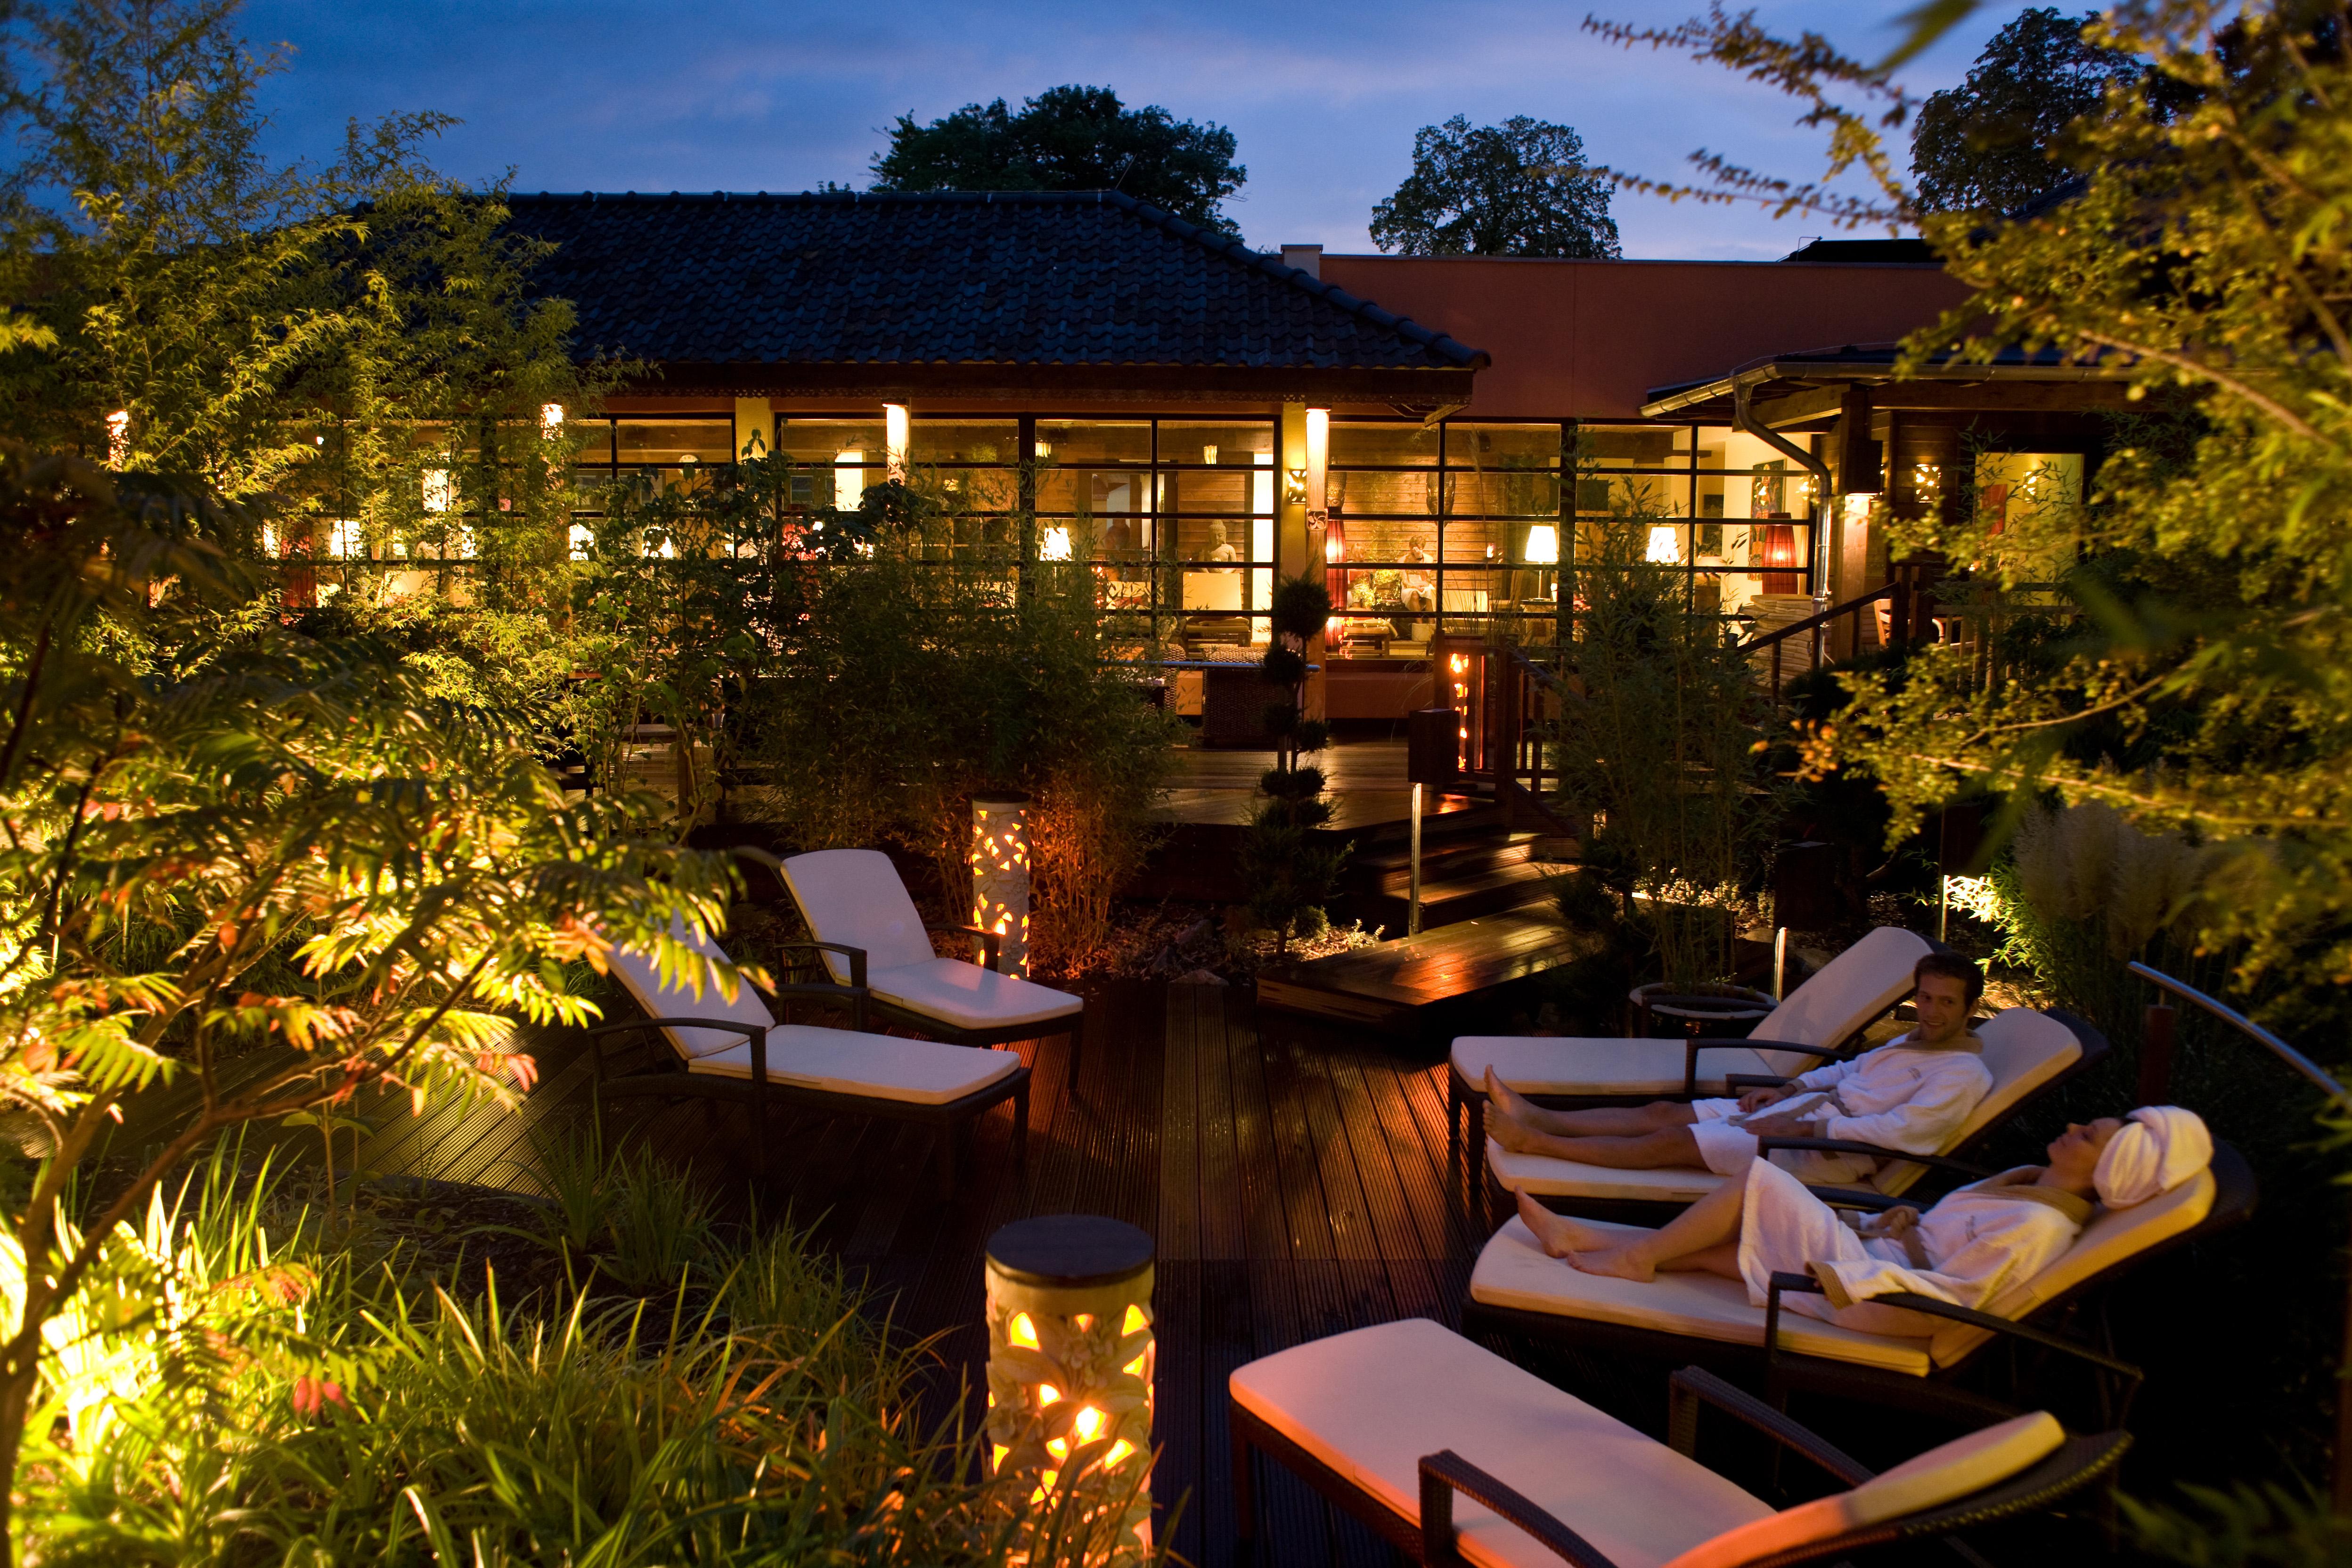 Sauna-Außenbereich am Abend